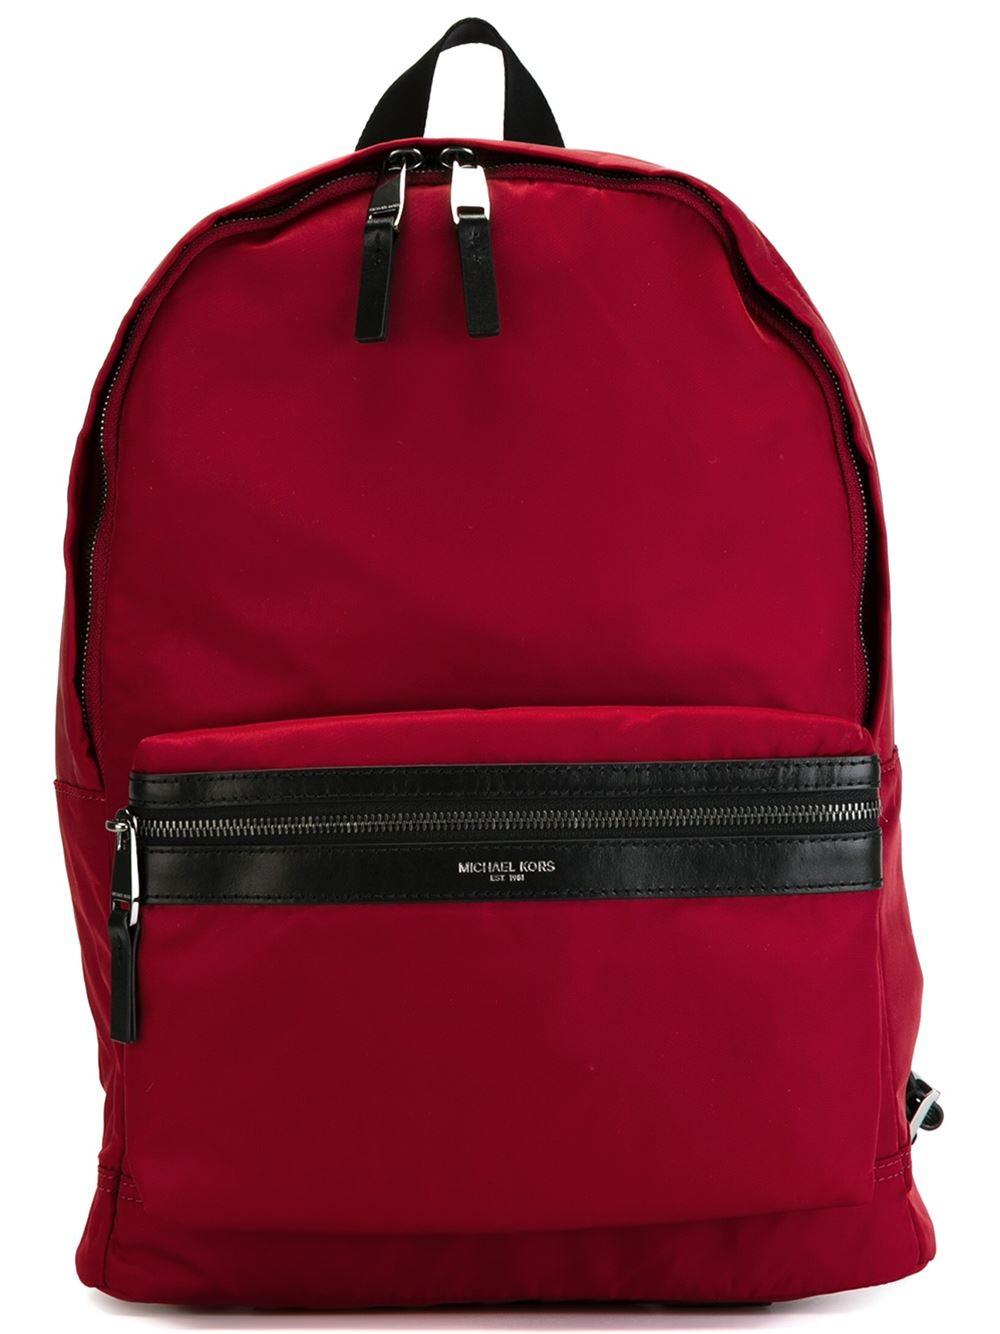 michael kors 39 kent 39 backpack in red for men lyst. Black Bedroom Furniture Sets. Home Design Ideas